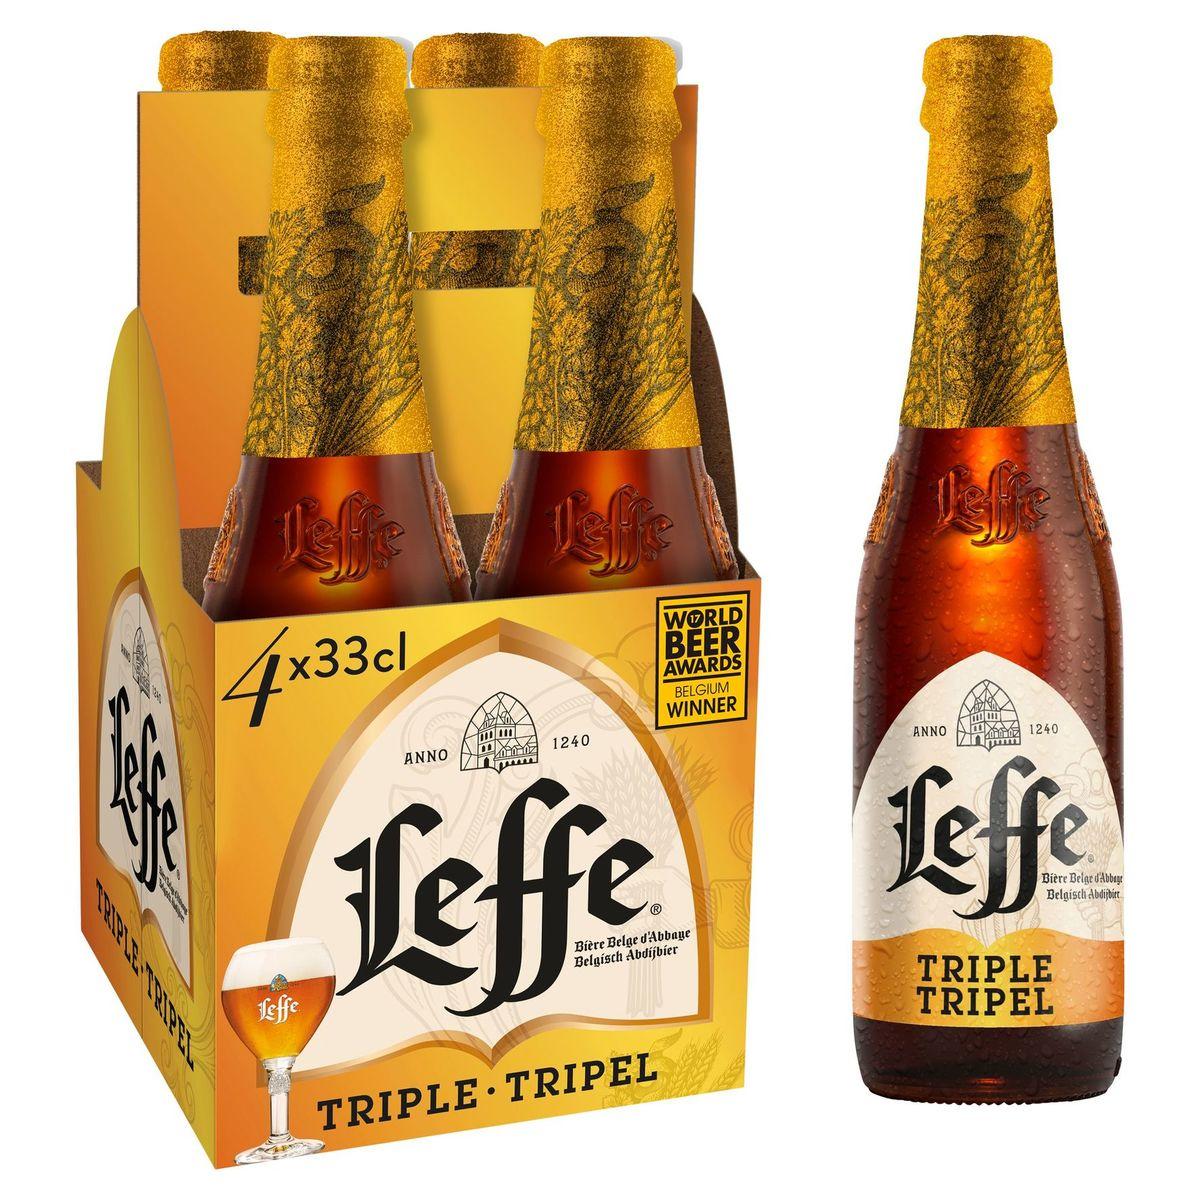 Leffe Tripel 8.5° Belgisch Abdijbier Flessen 4 х ЗЗ сl